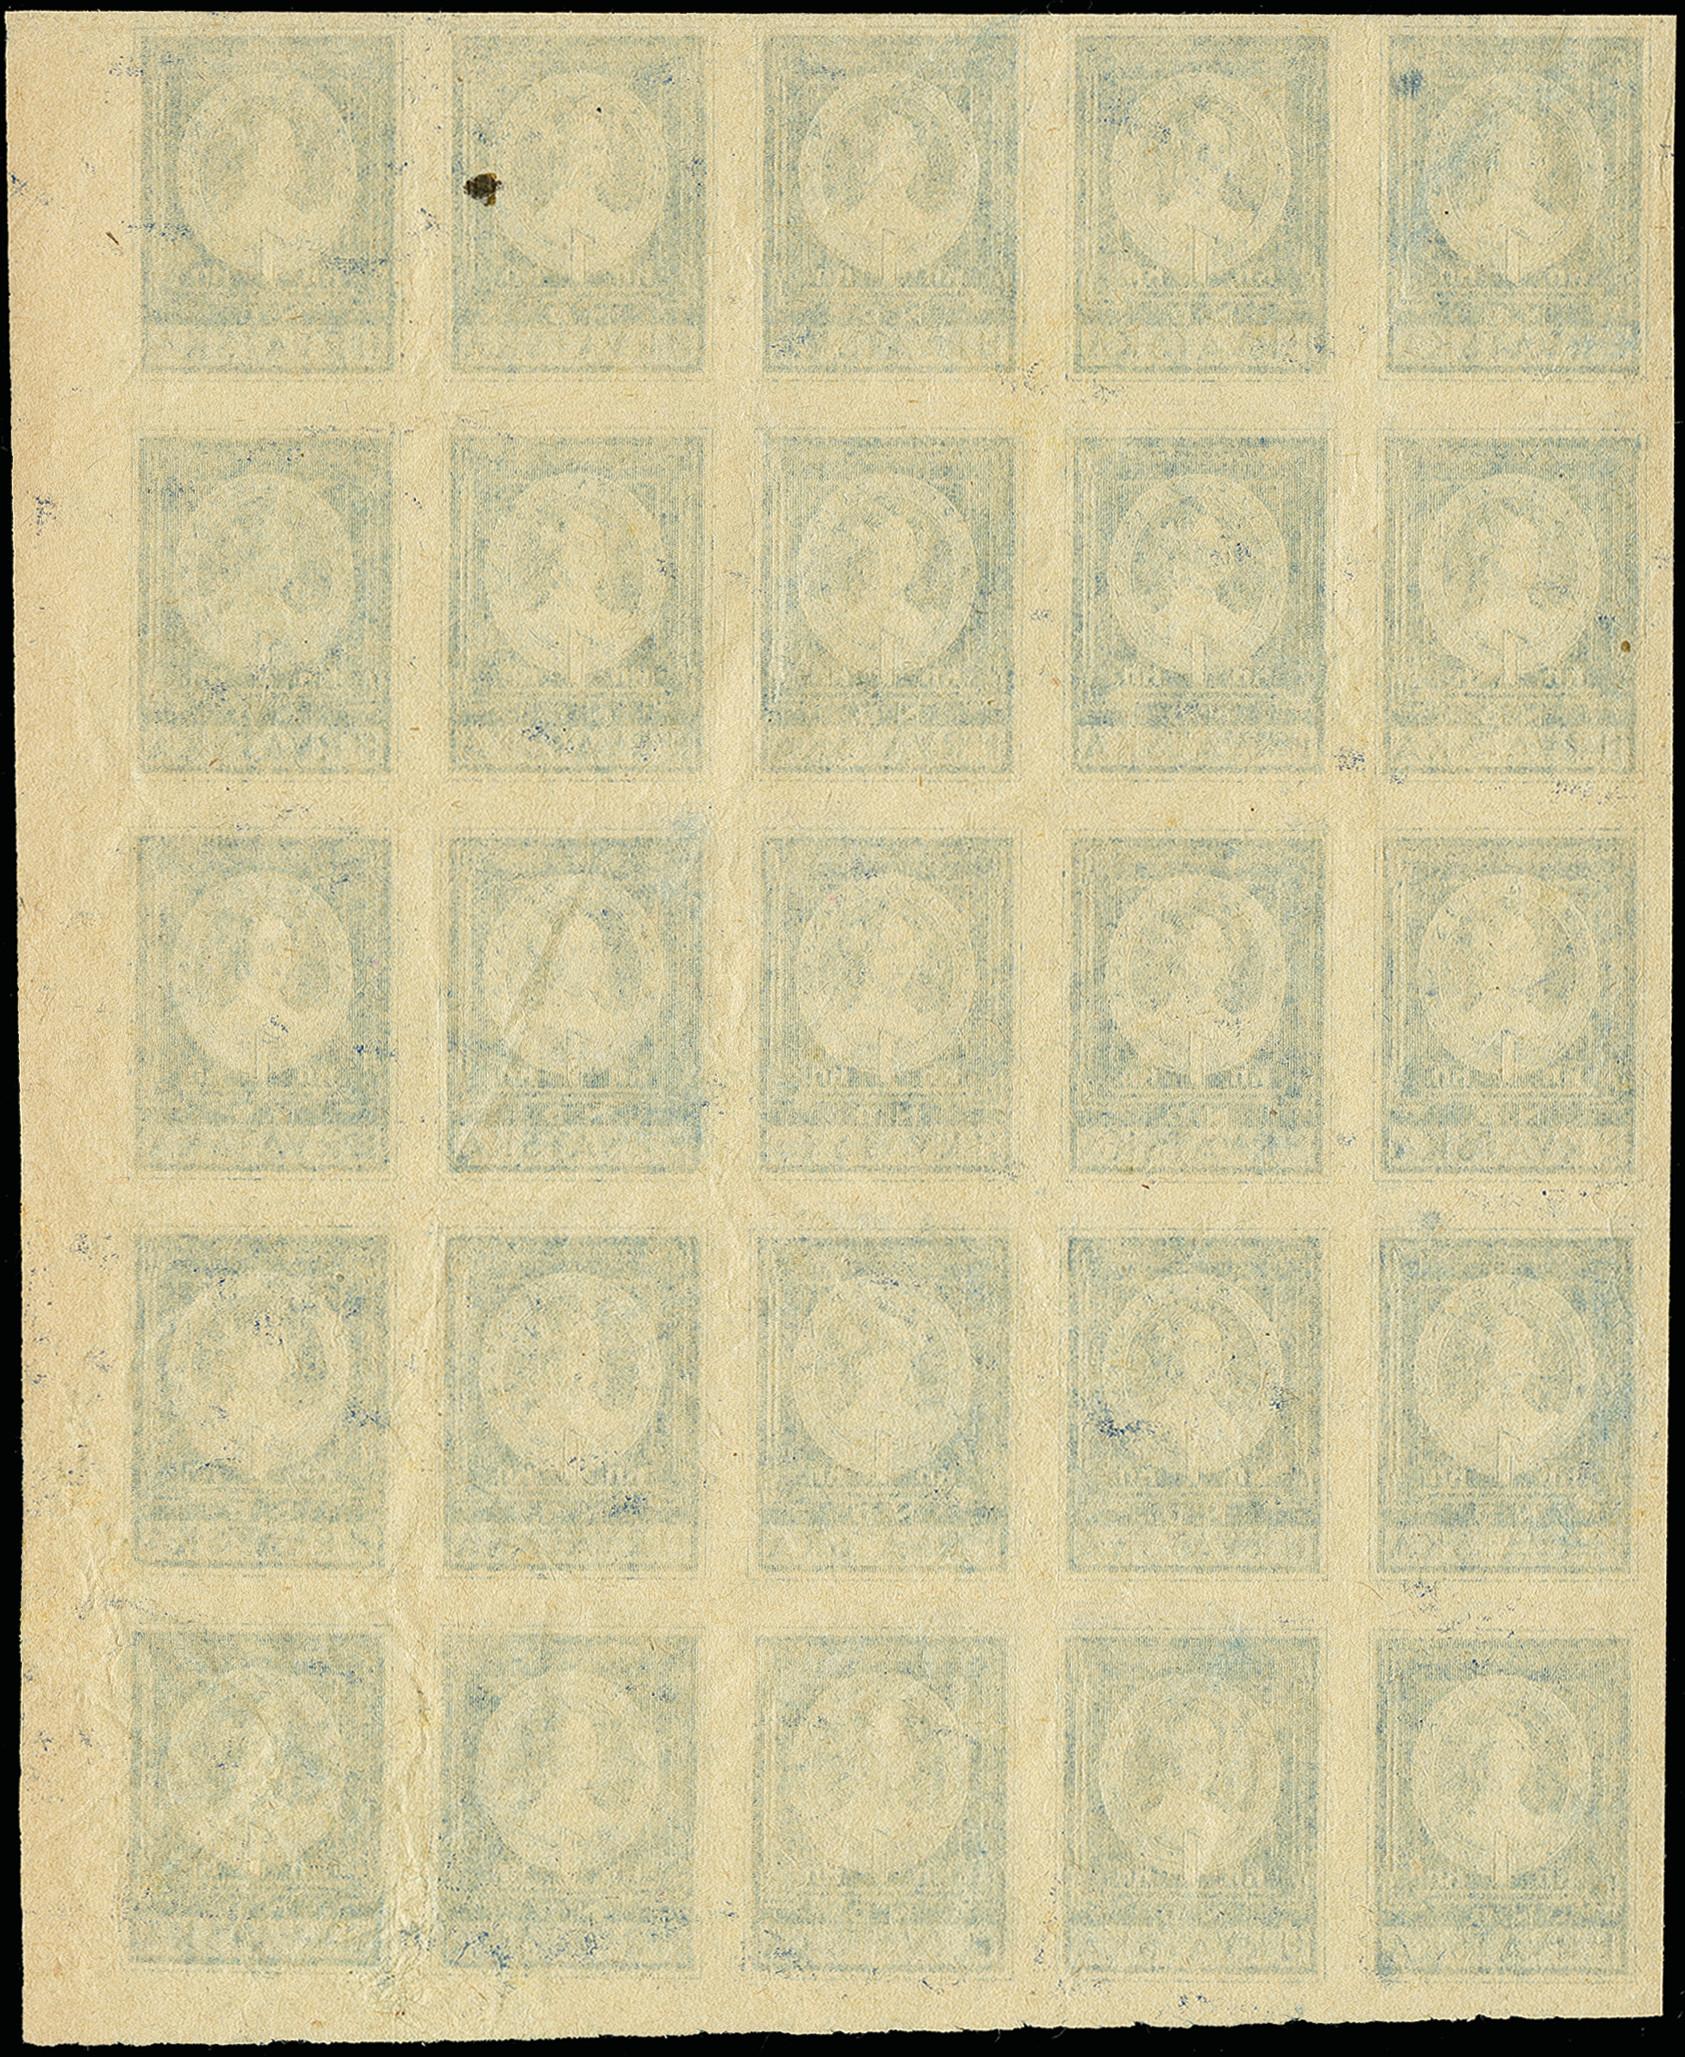 Lot 1167 - europa Croatia -  Heinrich Koehler Auktionen 375rd Heinrich Köhler auction - Day 1